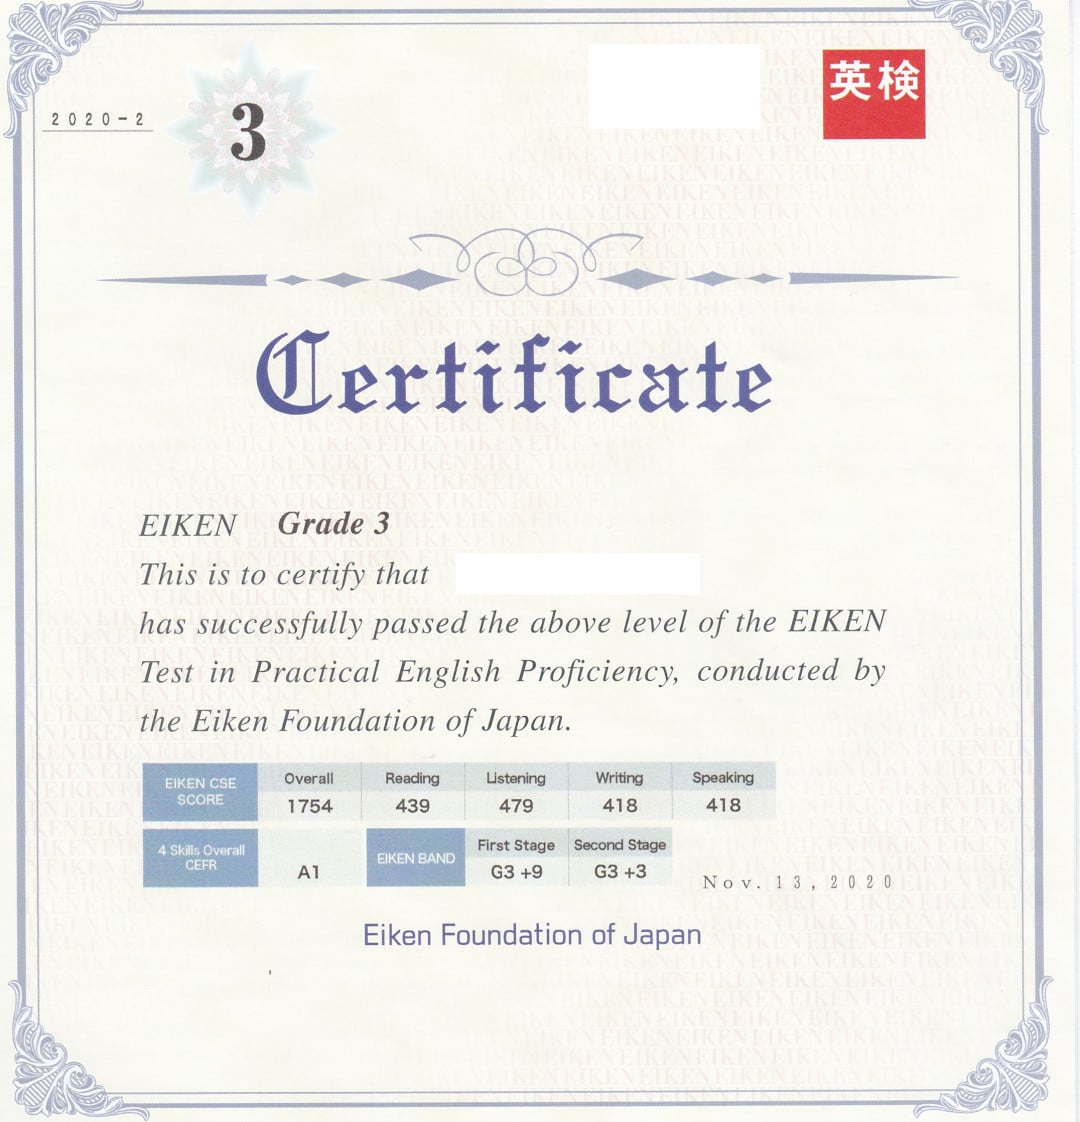 英検3級合格証明書